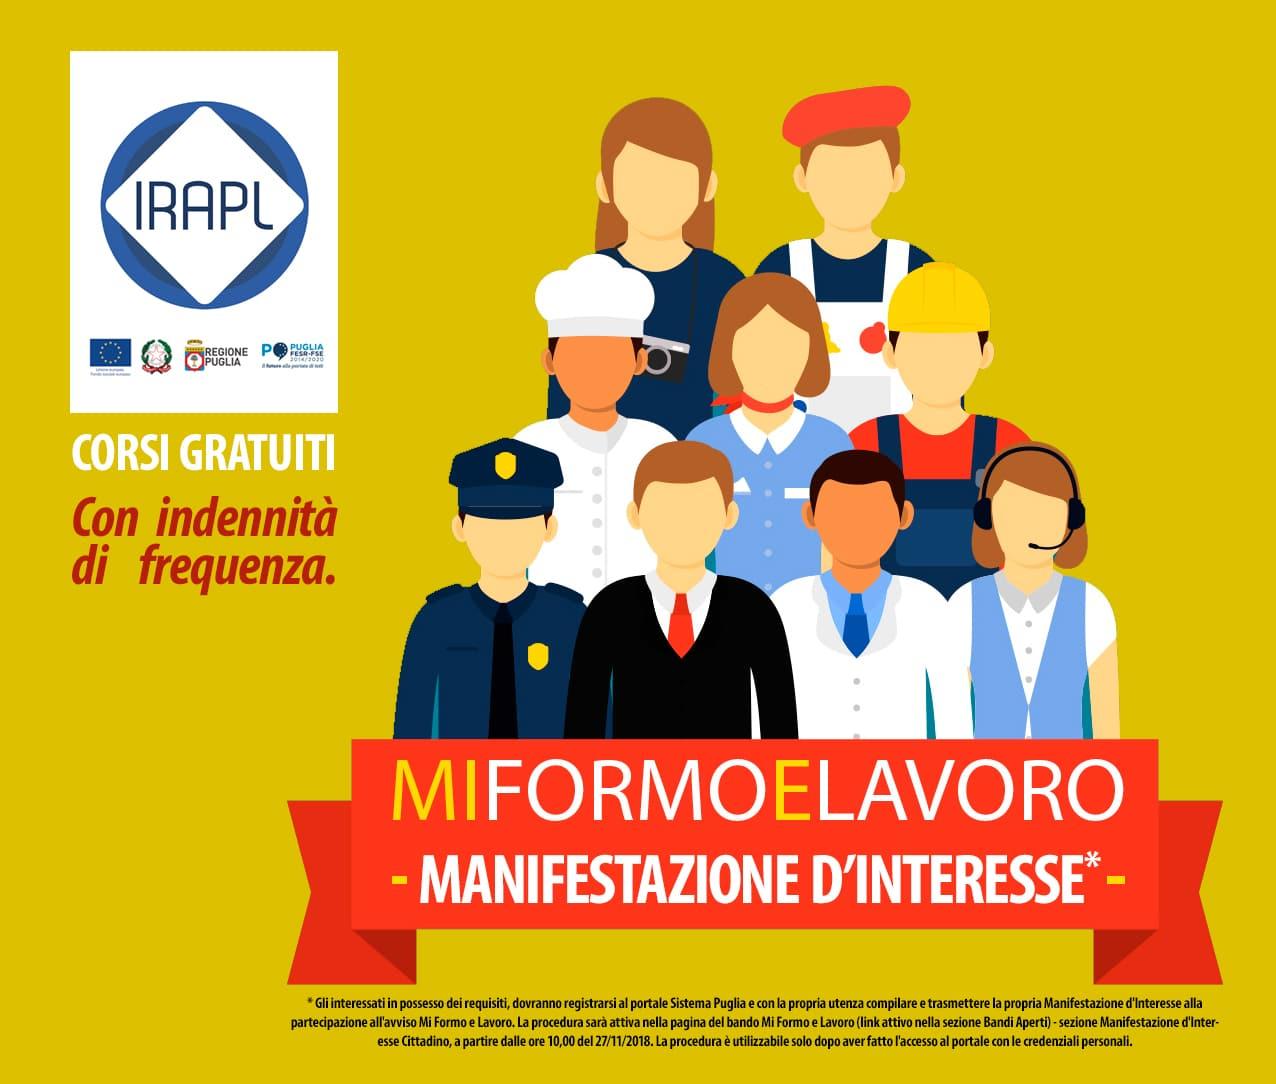 AVVISO:  Manifestazione d'Interesse - Mi Formo e Lavoro